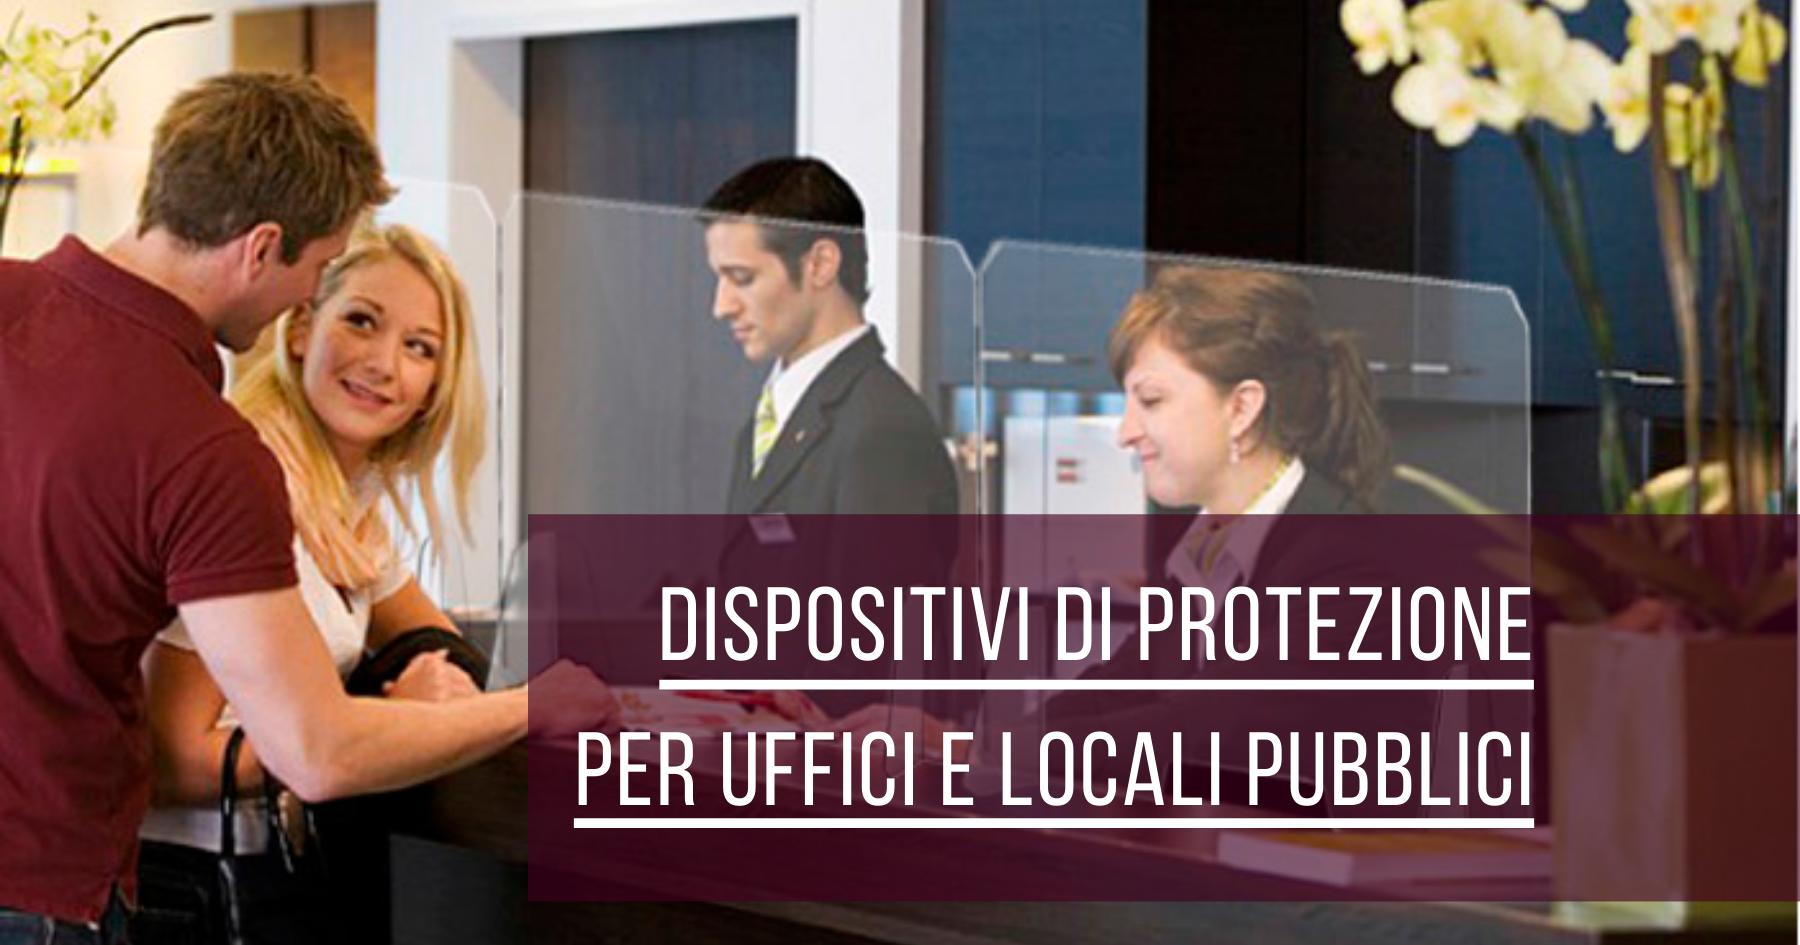 Dispositivi di protezione per uffici, hotel, locali pubblici